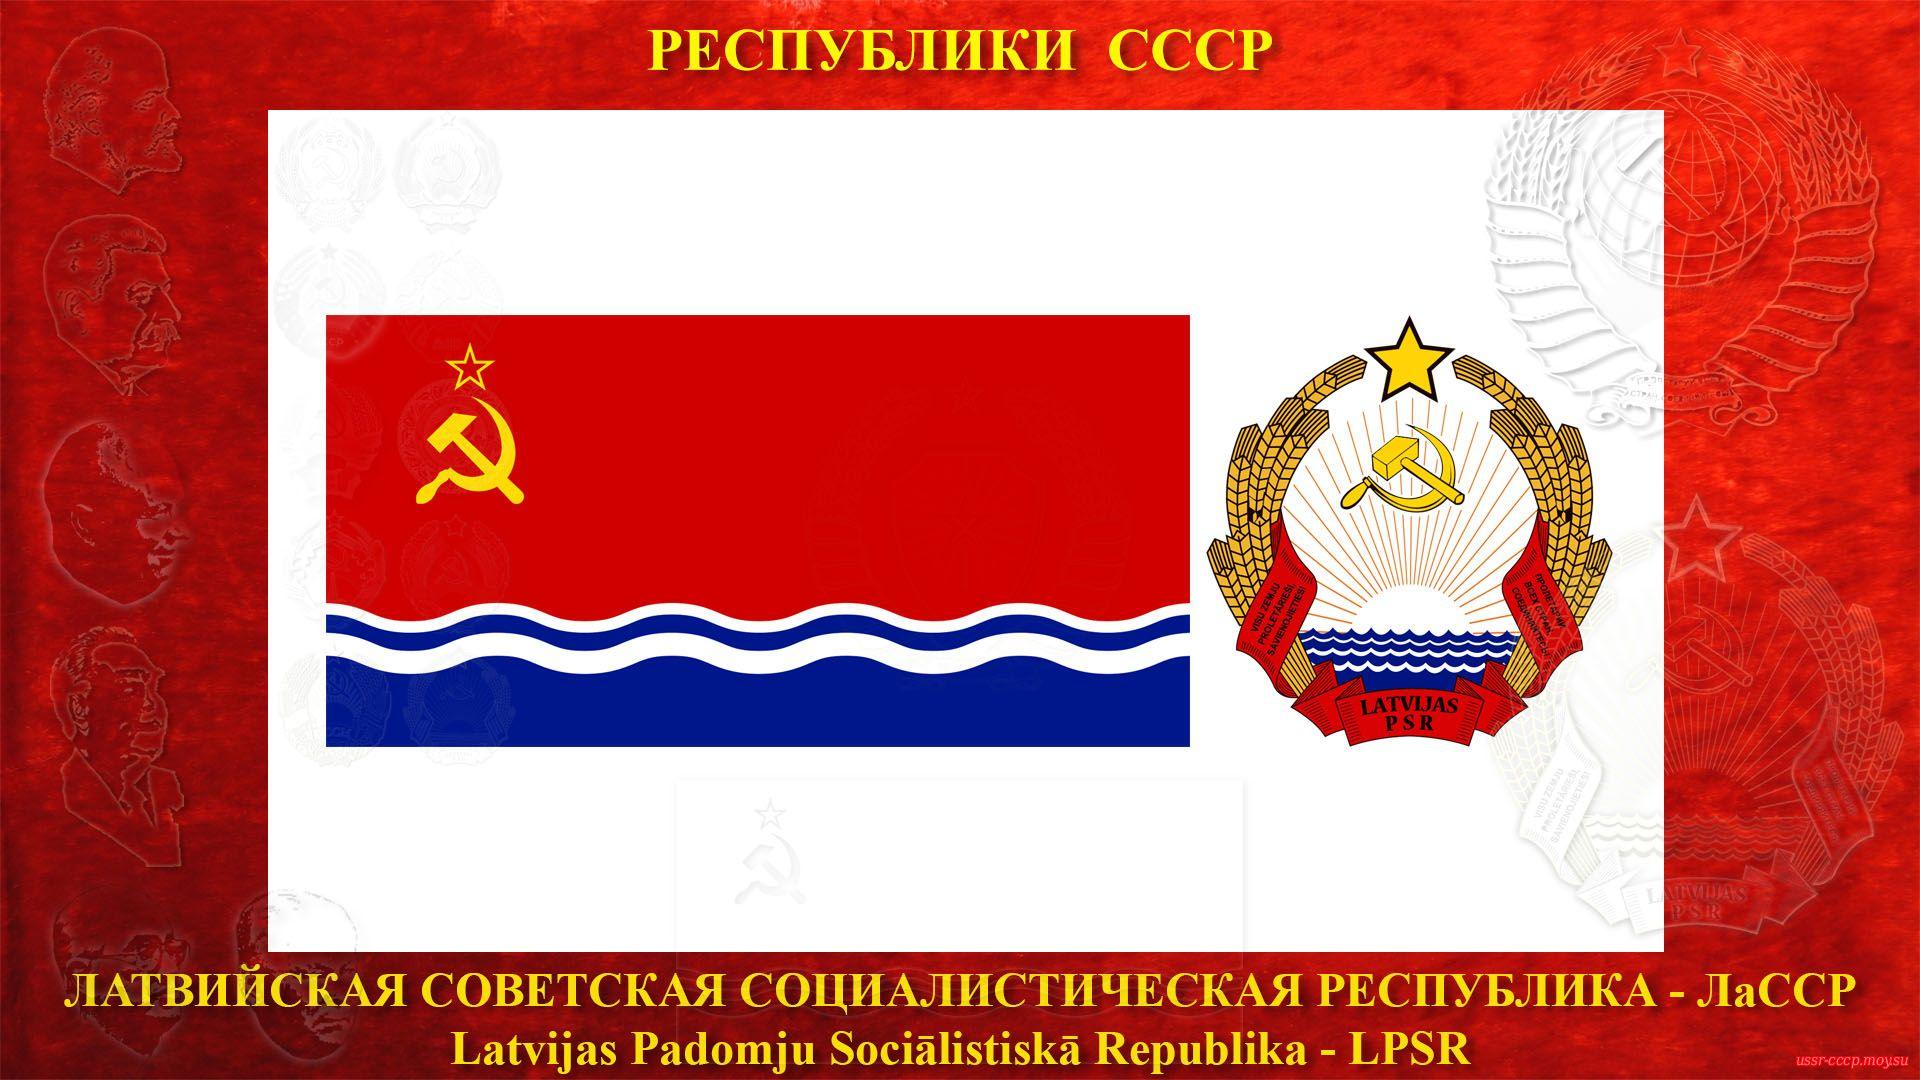 ЛаССР — Латвийская Советская Социалистическая Республика (05.08.1940 — де-юре)